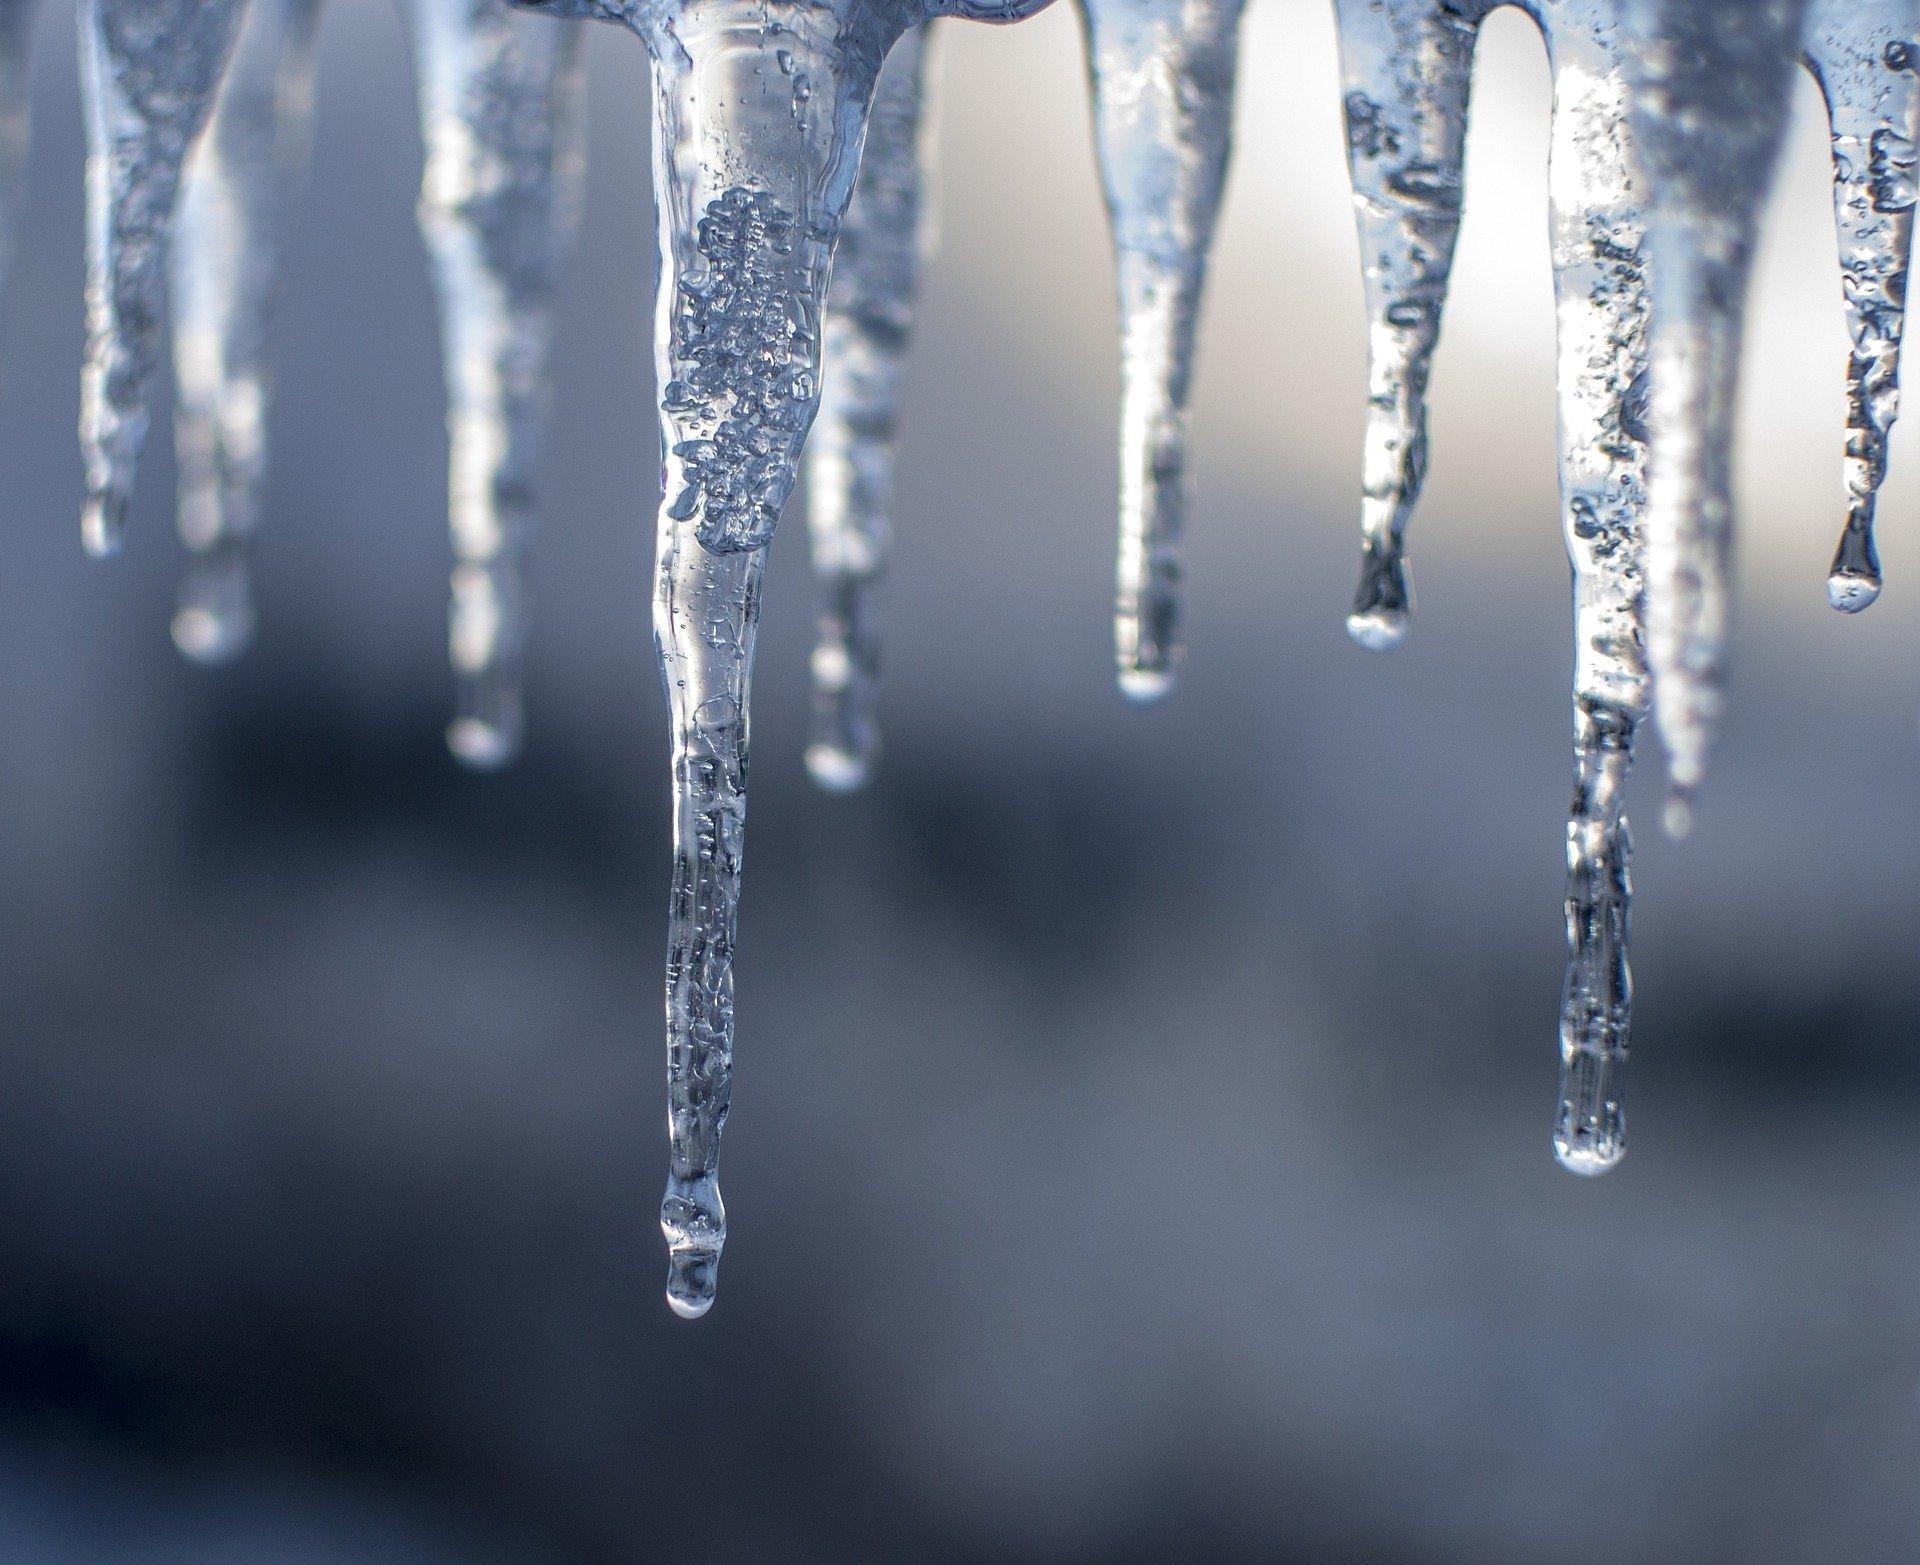 Zima przyszłości - czy w 2100 nie będzie już śniegu